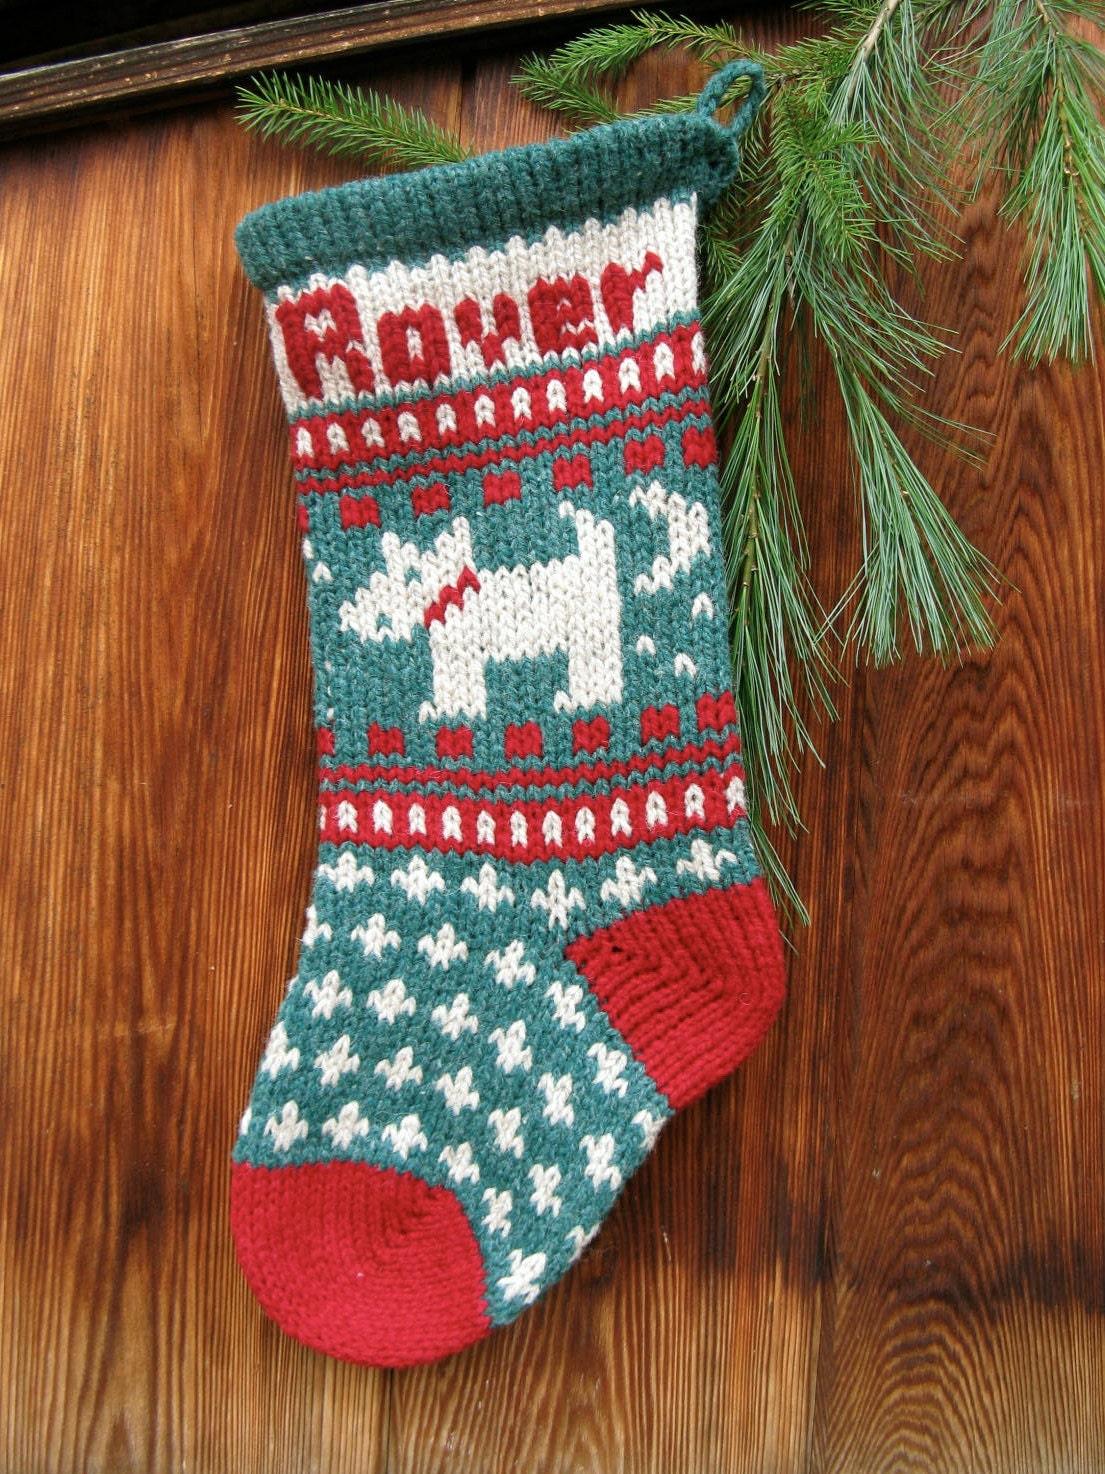 Christmas Stocking Knitting Pattern Circular Needles : Digital download pet dog christmas stocking knitting pattern